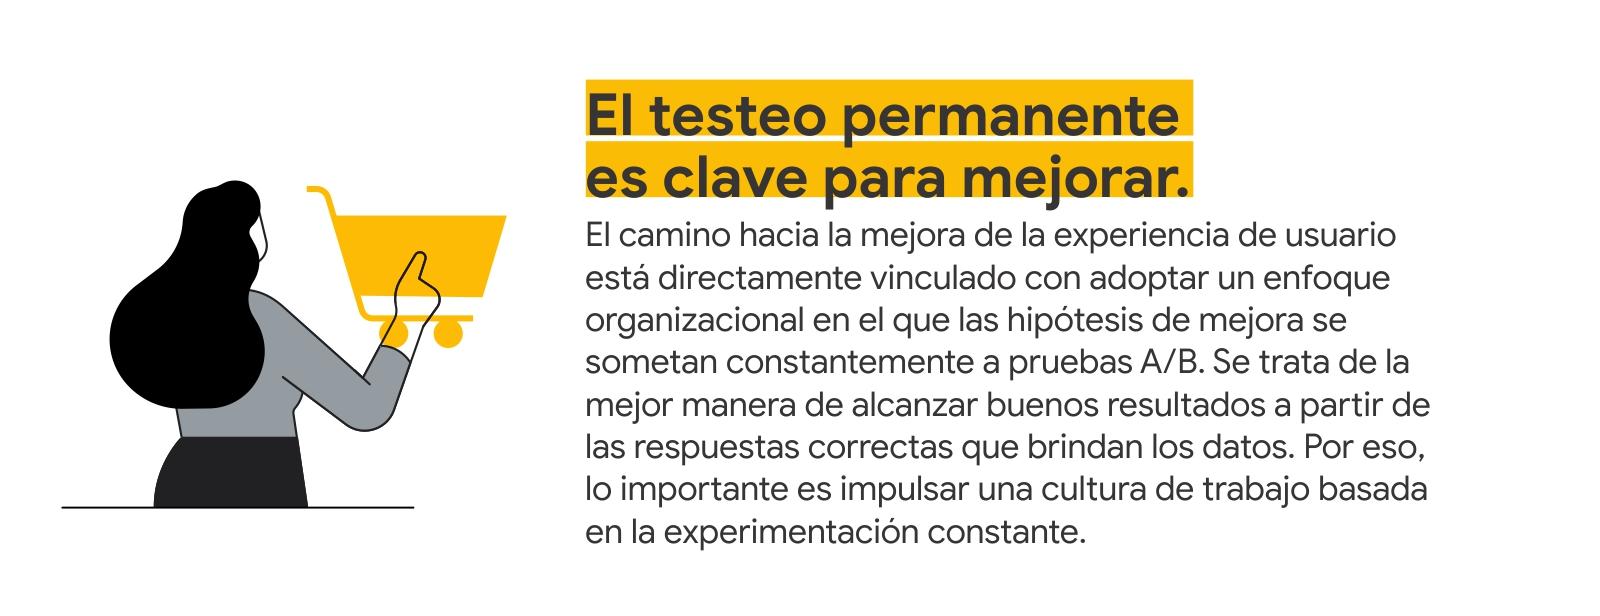 El testeo permanente es clave para mejorar.